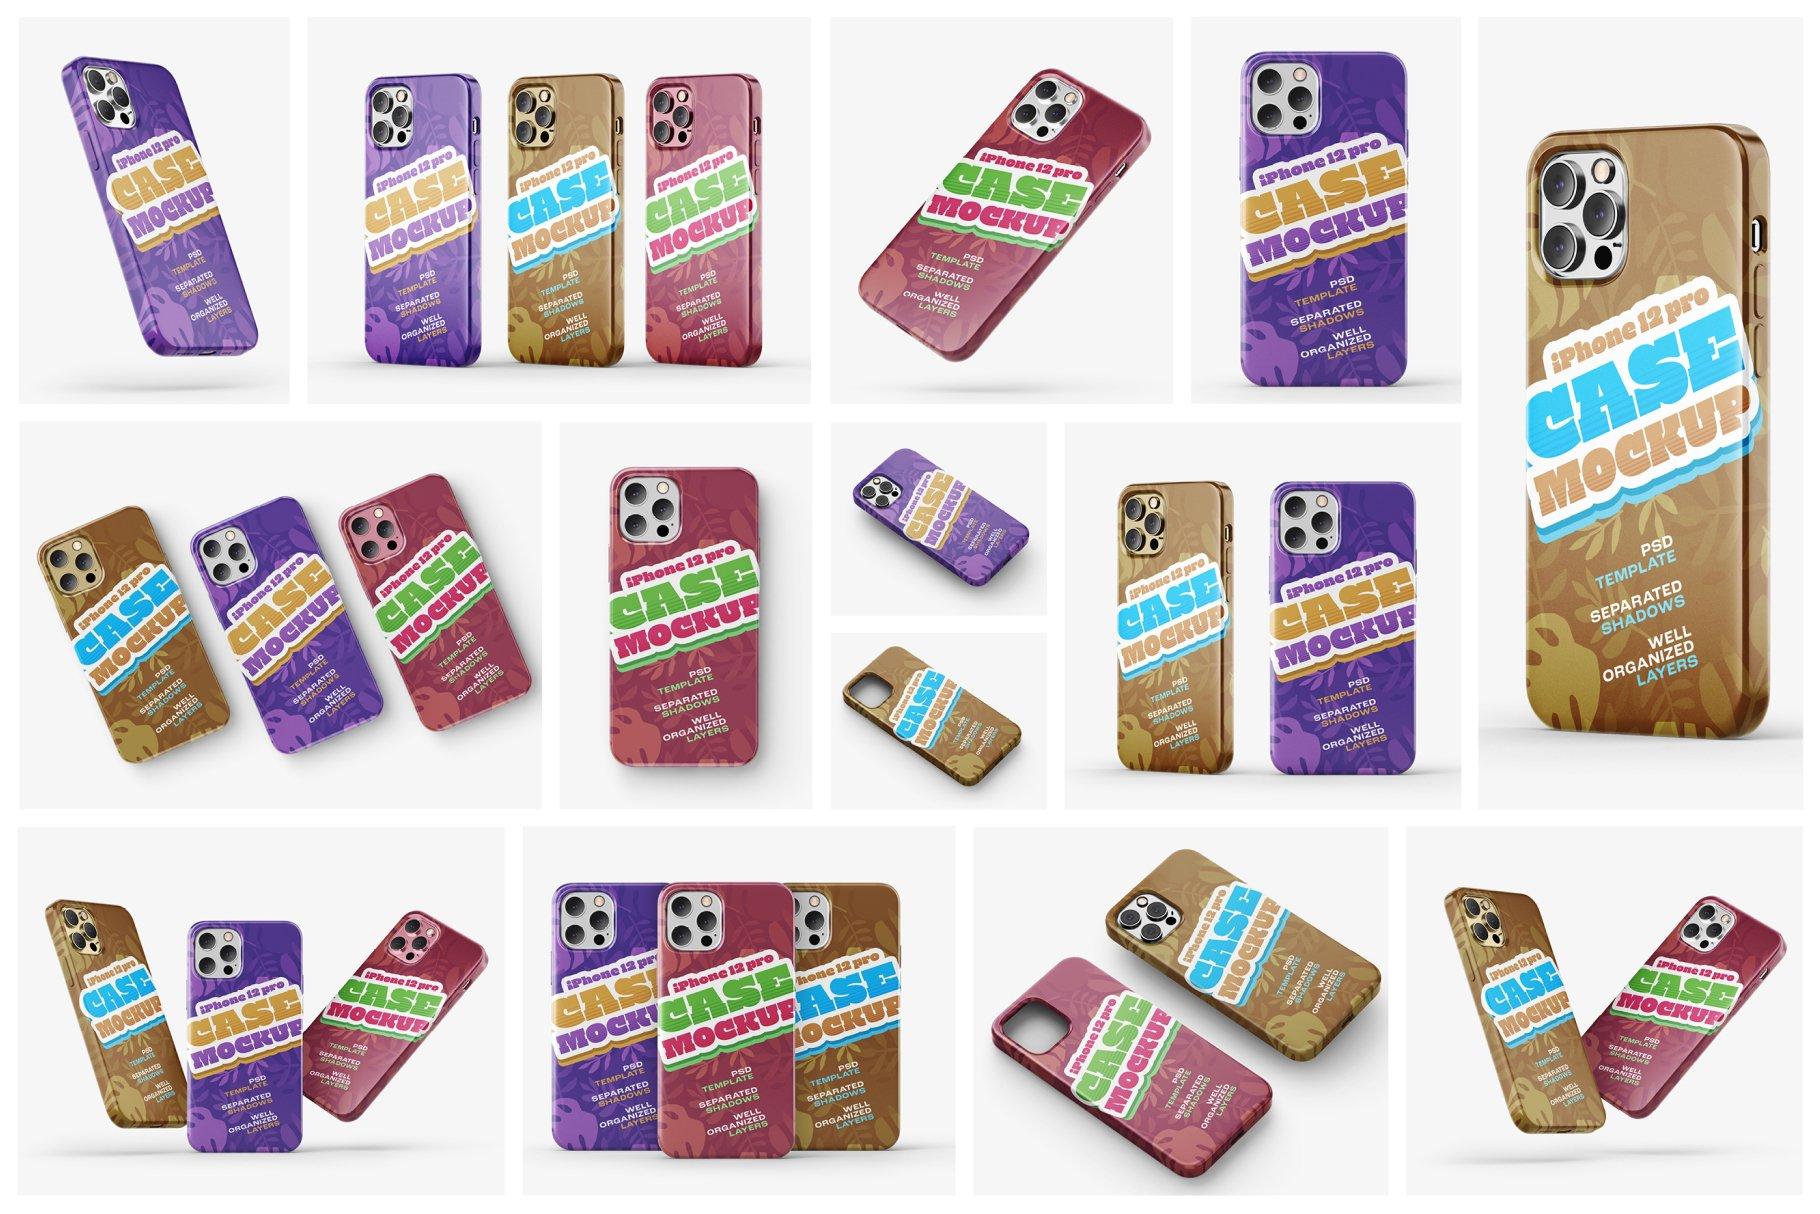 14款iPhone 12 Pro手机壳外观设计展示样机合集 iPhone 12 Pro Case Mockup Set插图1